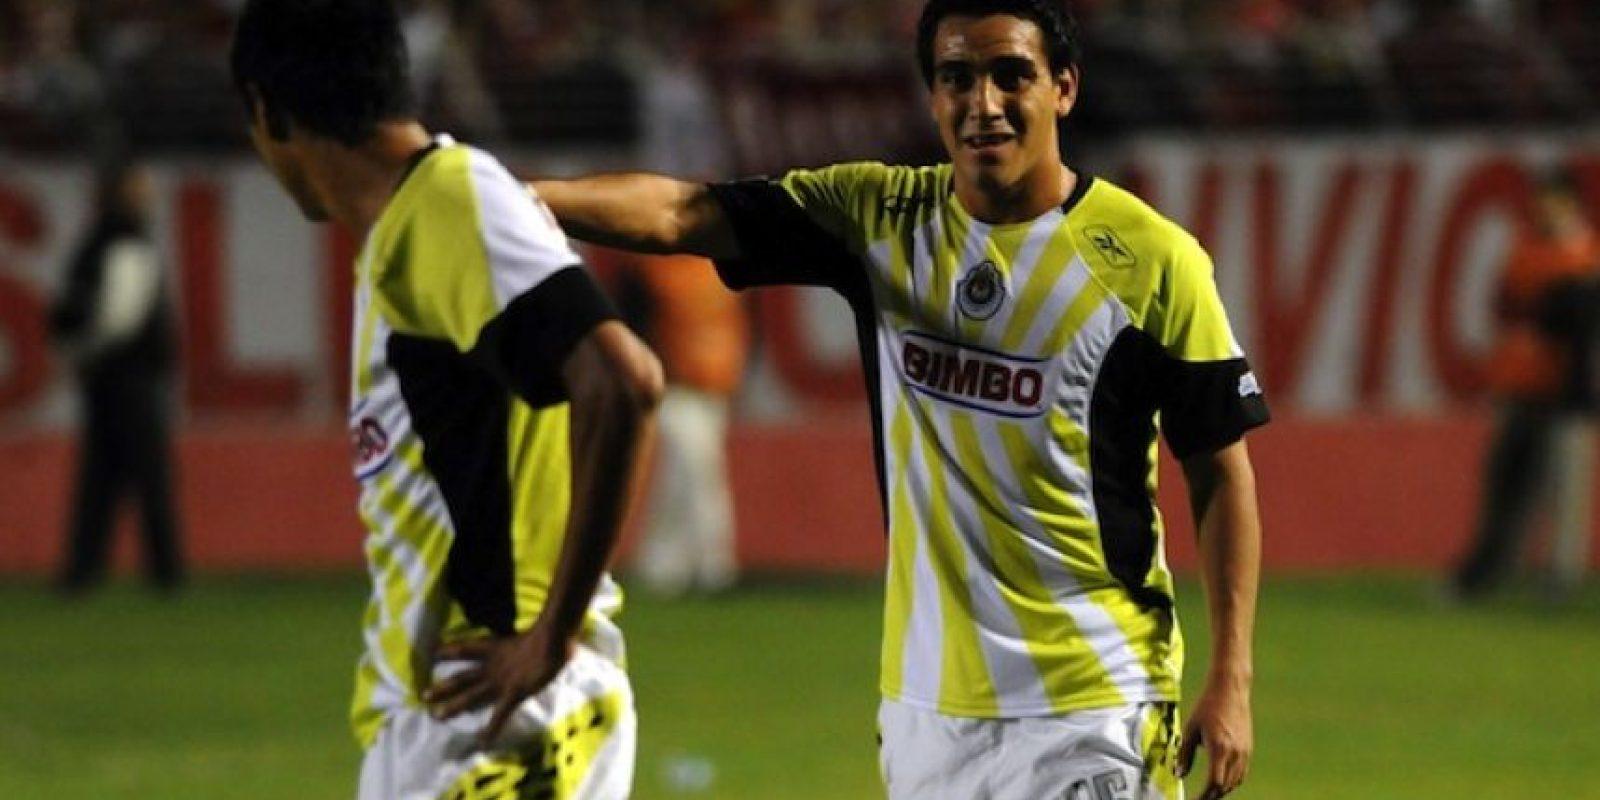 """El """"Gringo"""" Padilla jugó en Chivas de 2006 a 2009. Foto:Mexsport"""